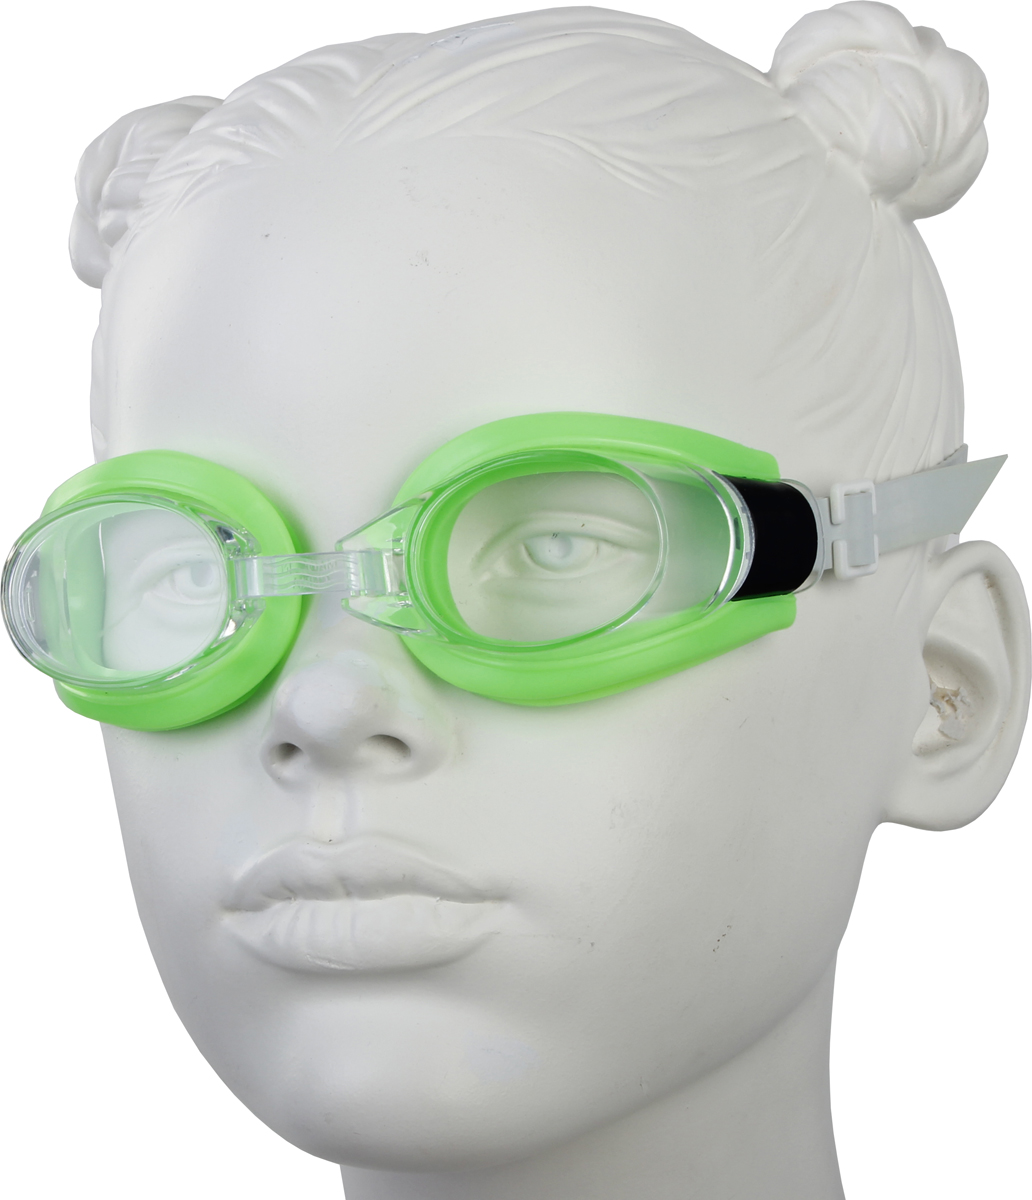 Очки для плавания Start Up, цвет: зеленый. G1170B281664Очки плавательные представляет собой необходимый аксессуар, предназначенный для защиты глаз во время плавания в открытом водоеме или в бассейне. Линзы очков произведены из высокопрочного поликарбоната, оправа из силикона, который плотно прилегает к голове и не соскальзывает даже во время активных тренировок. Такие надежные материалы устойчивы к возможным повреждениям и рассчитаны на долгий срок службы. Переносица: регулируемая.